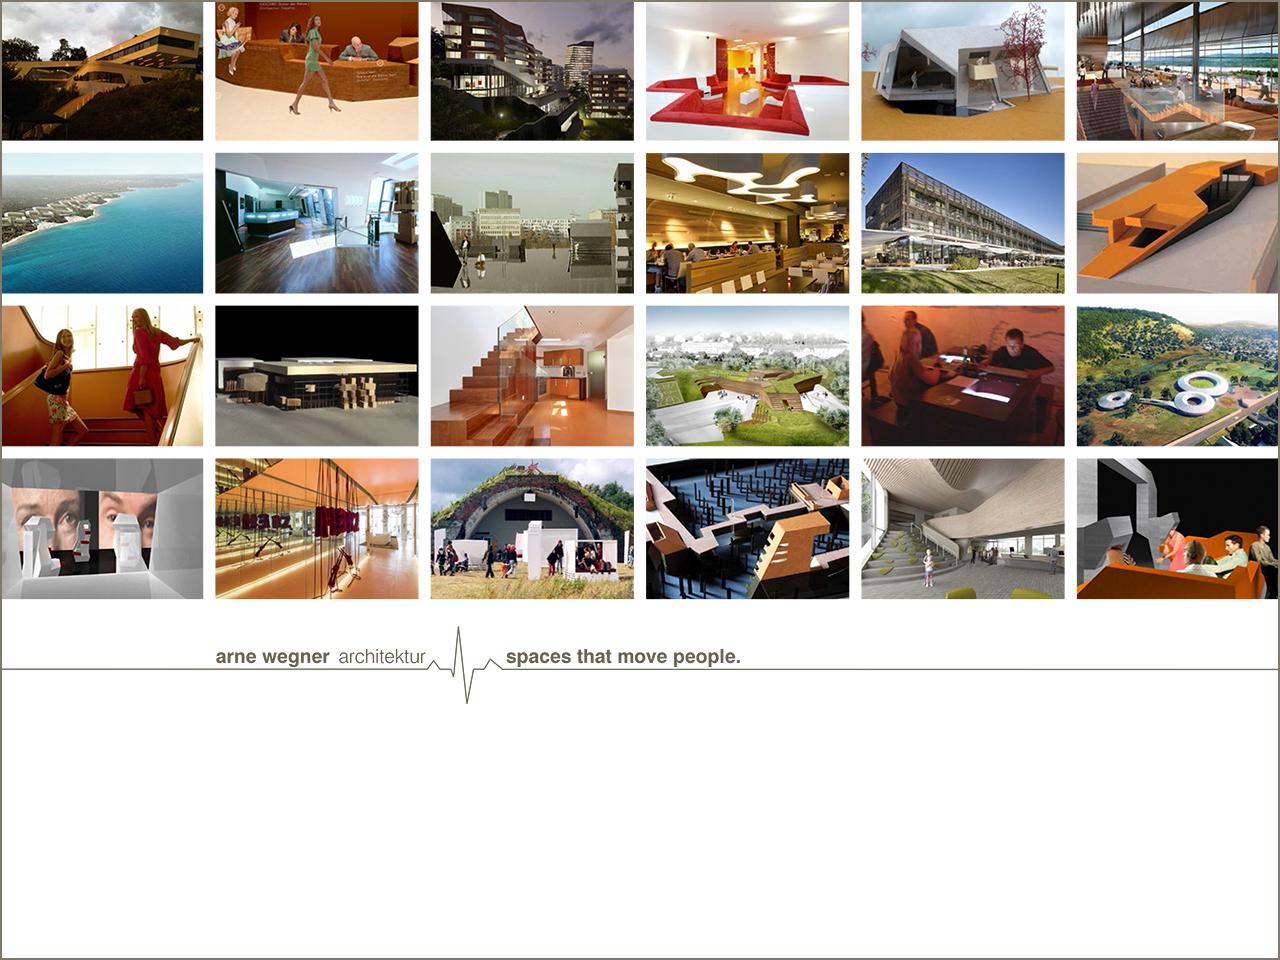 arne wegner architektur_en